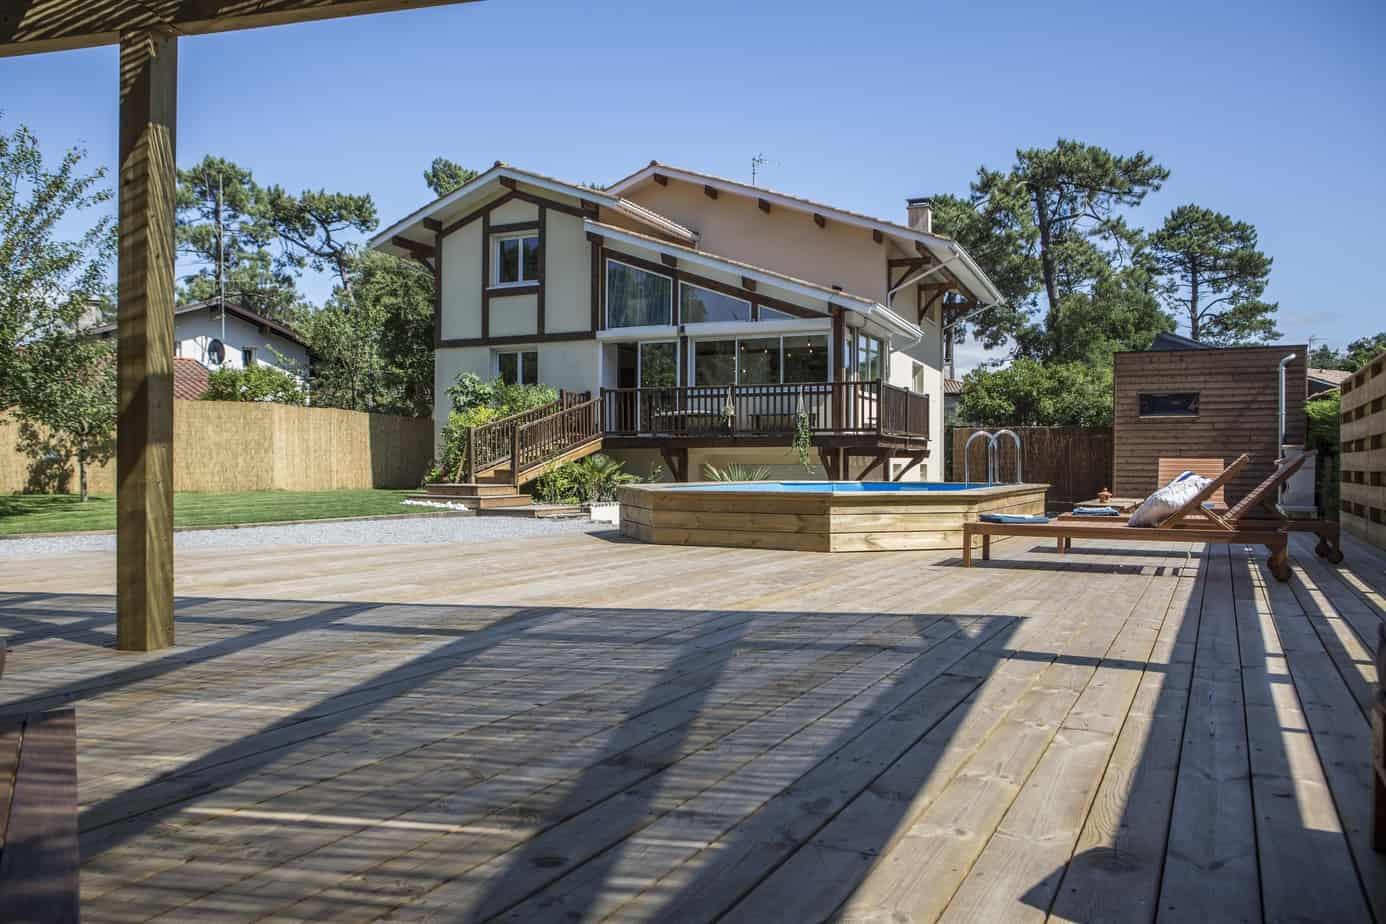 Ocean garden capbreton bed and breakfast chambre d 39 hote - Office de tourisme capbreton ...